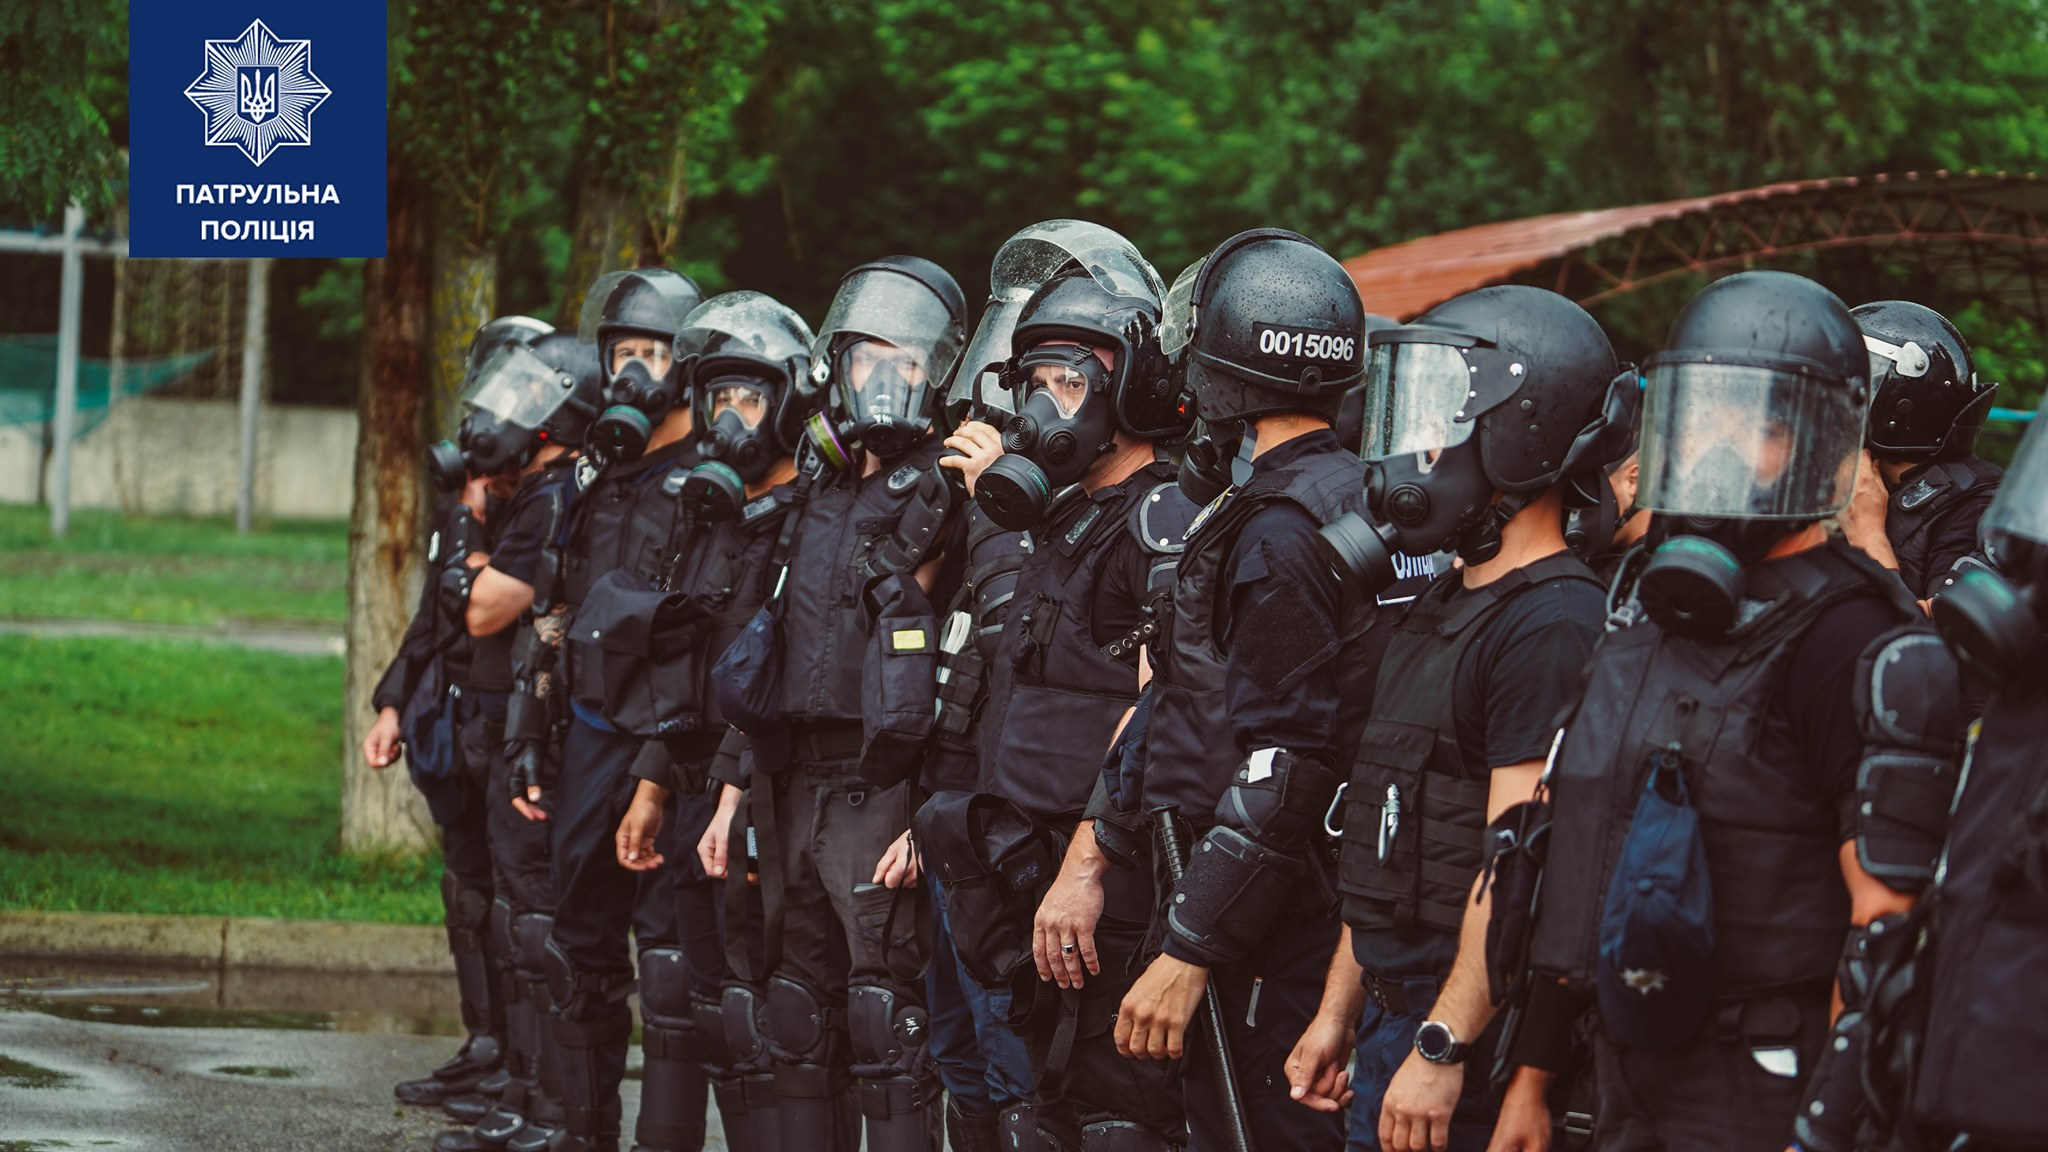 В Харькове проходят полицейские учения по противодействию массовым беспорядкам (фоторепортаж)